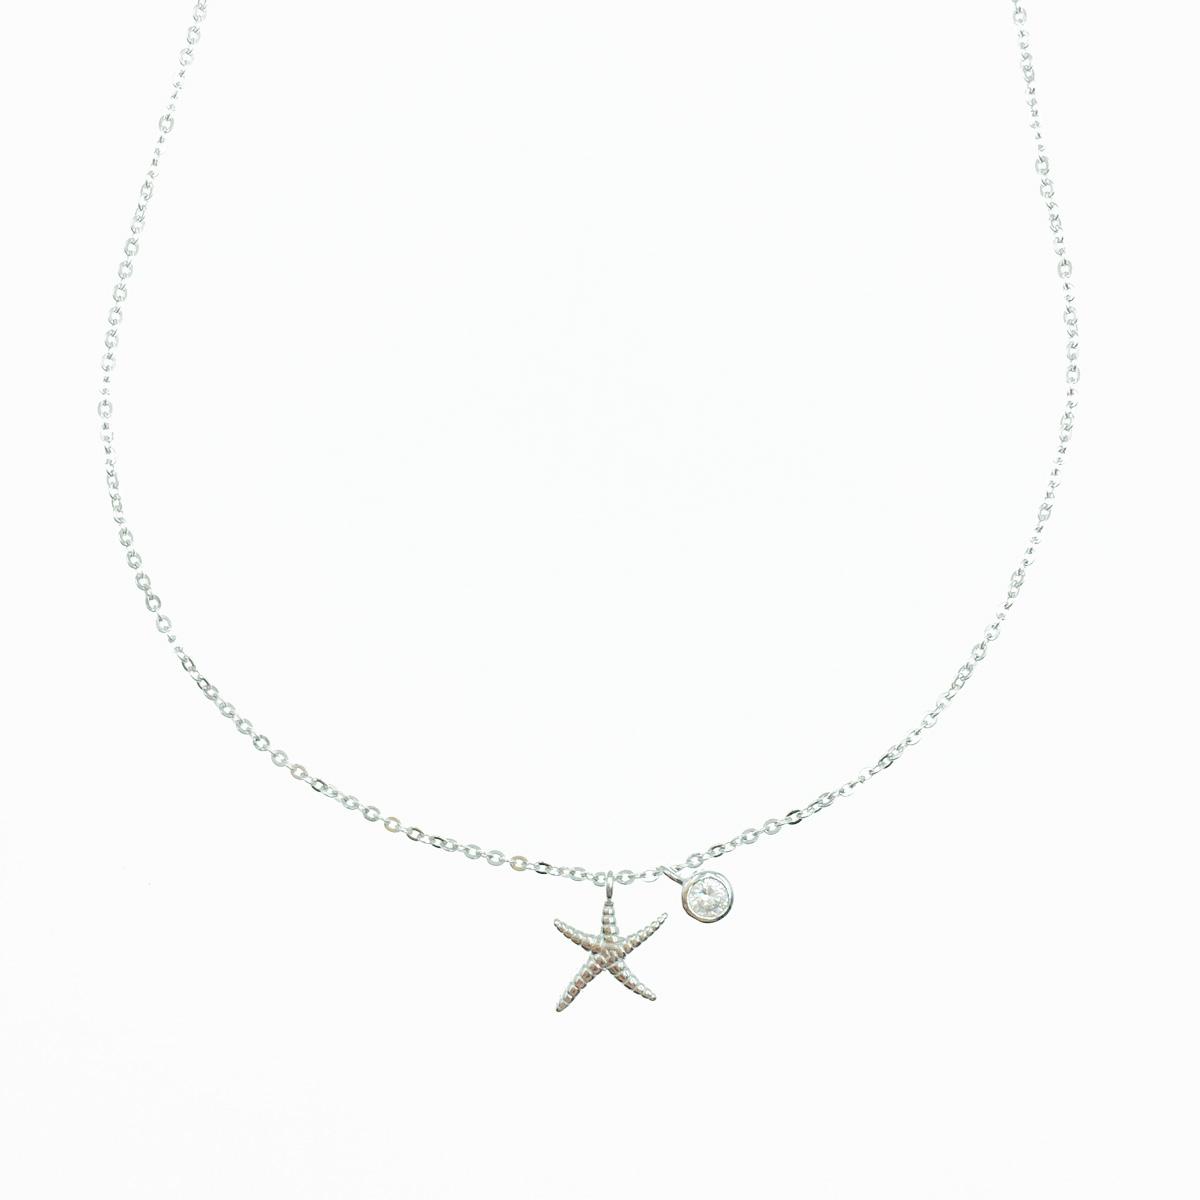 韓國 925純銀 海星 水鑽 墜飾 質感項鍊